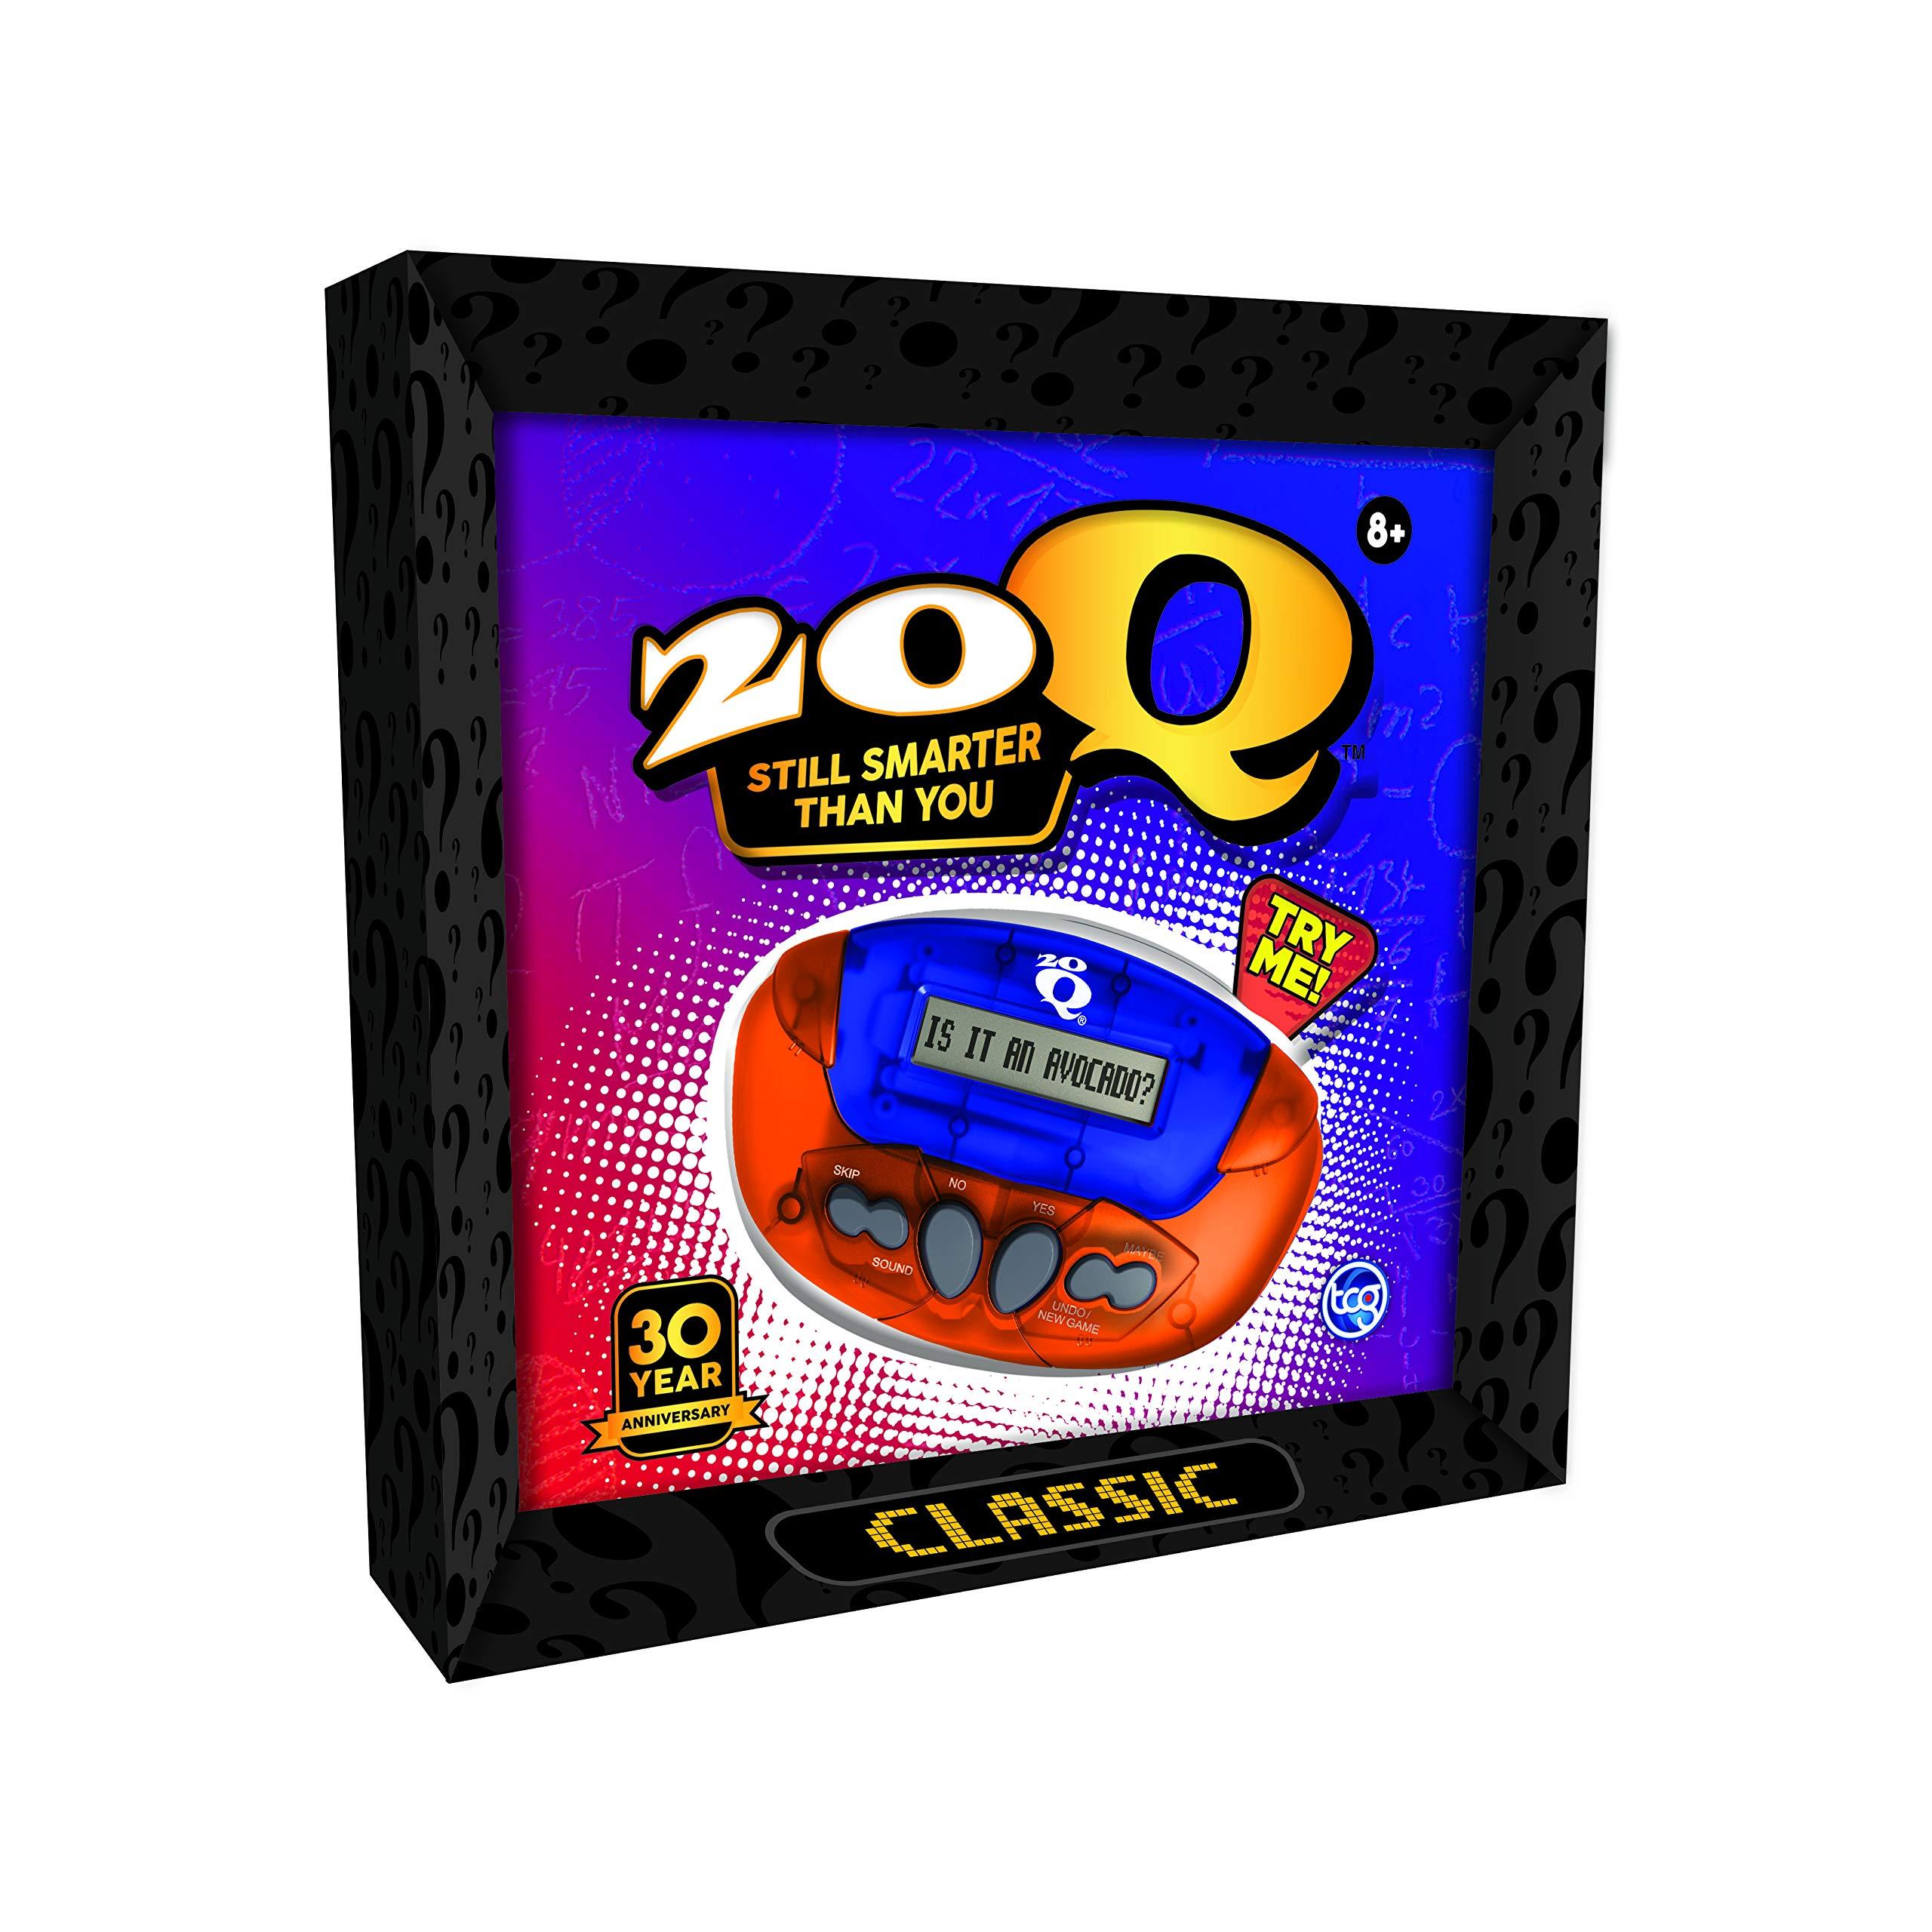 TCG Toys 69820 20Q Classic Blue/Orange, Classic Blue/Orange